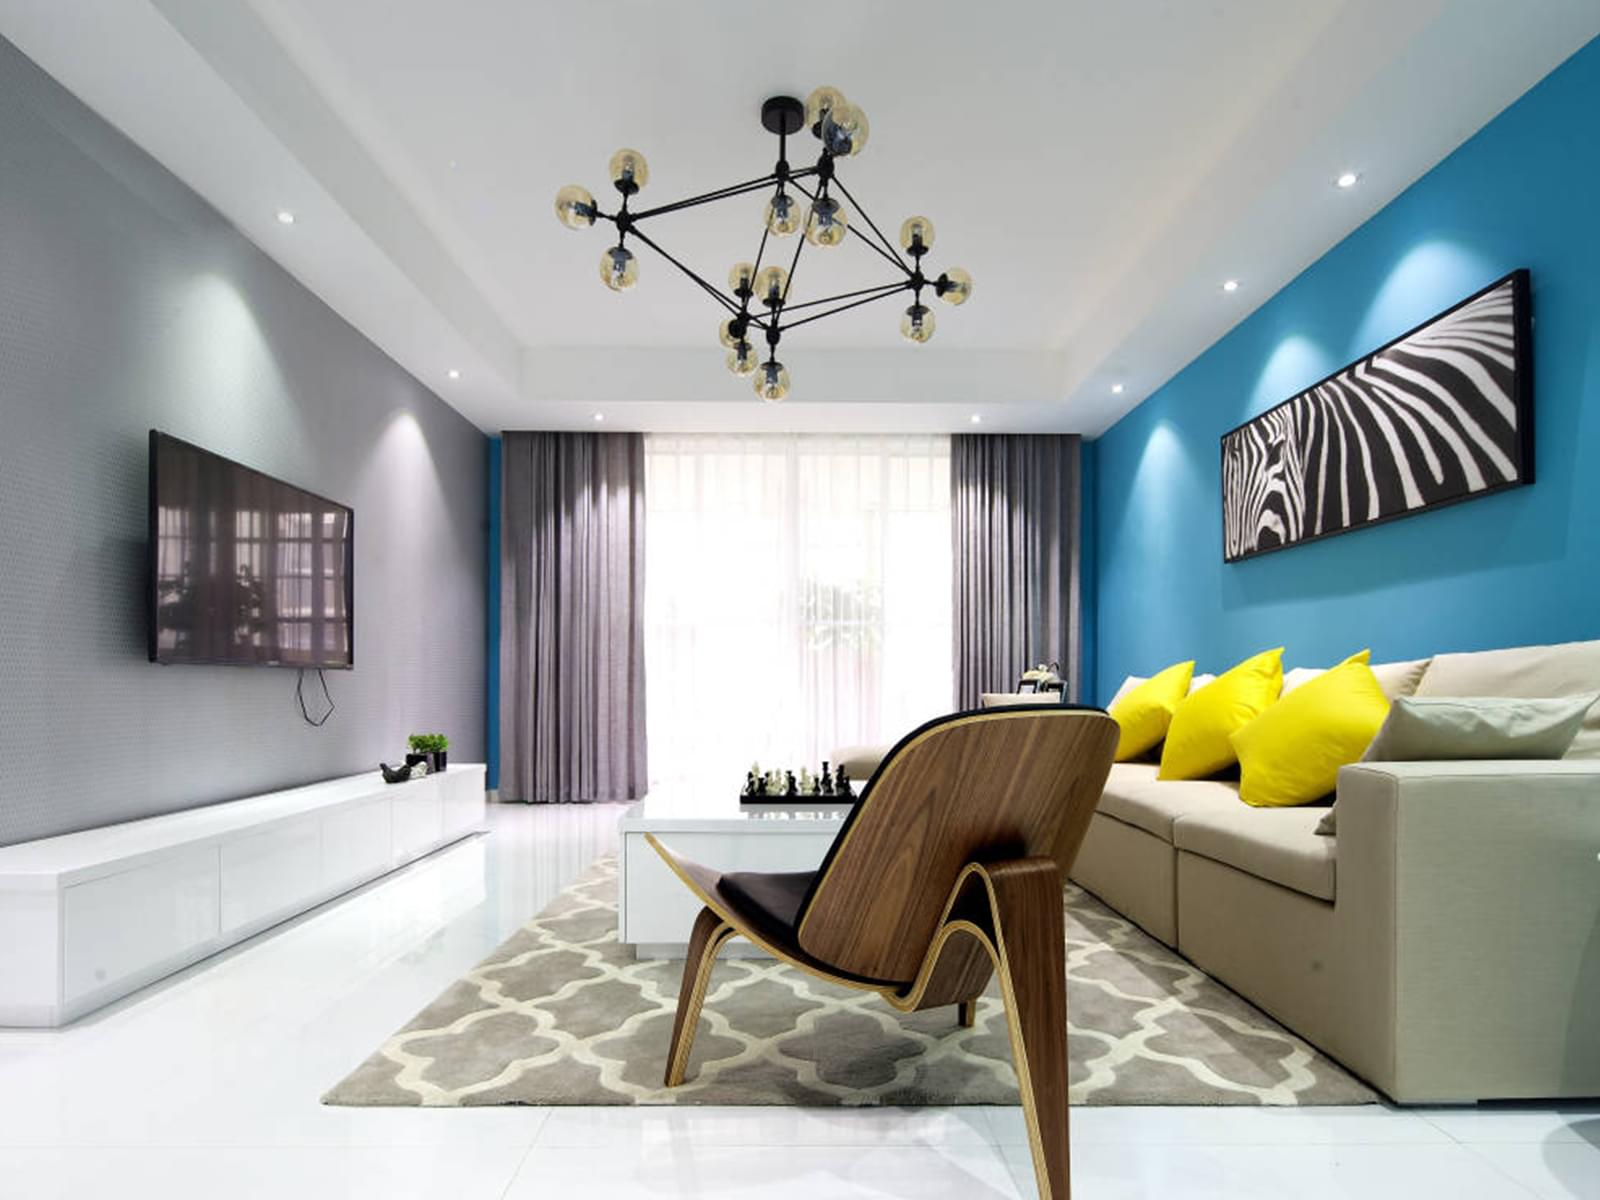 静安区公寓装修价格合理,公寓装修